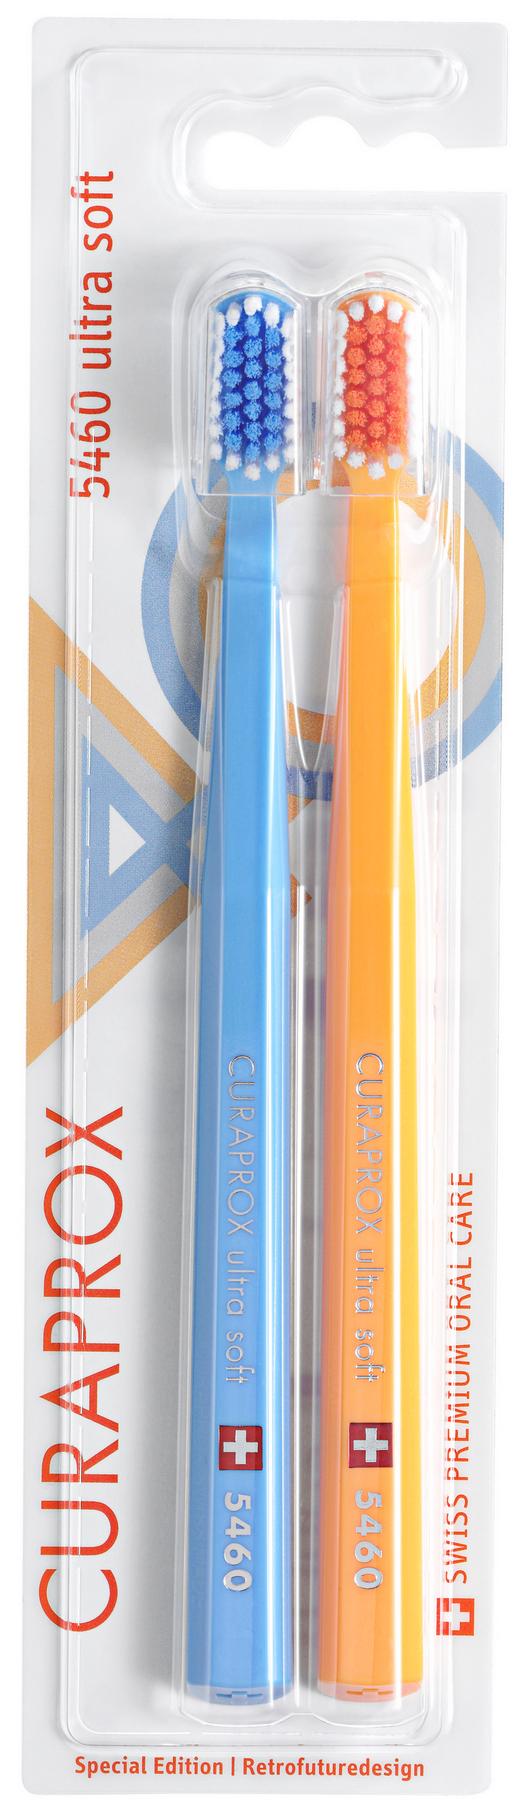 Купить CURAPROX Набор зубных щеток ultrasoft, d 0.10 мм, голубая и желтая / Retro Edition1 2 шт